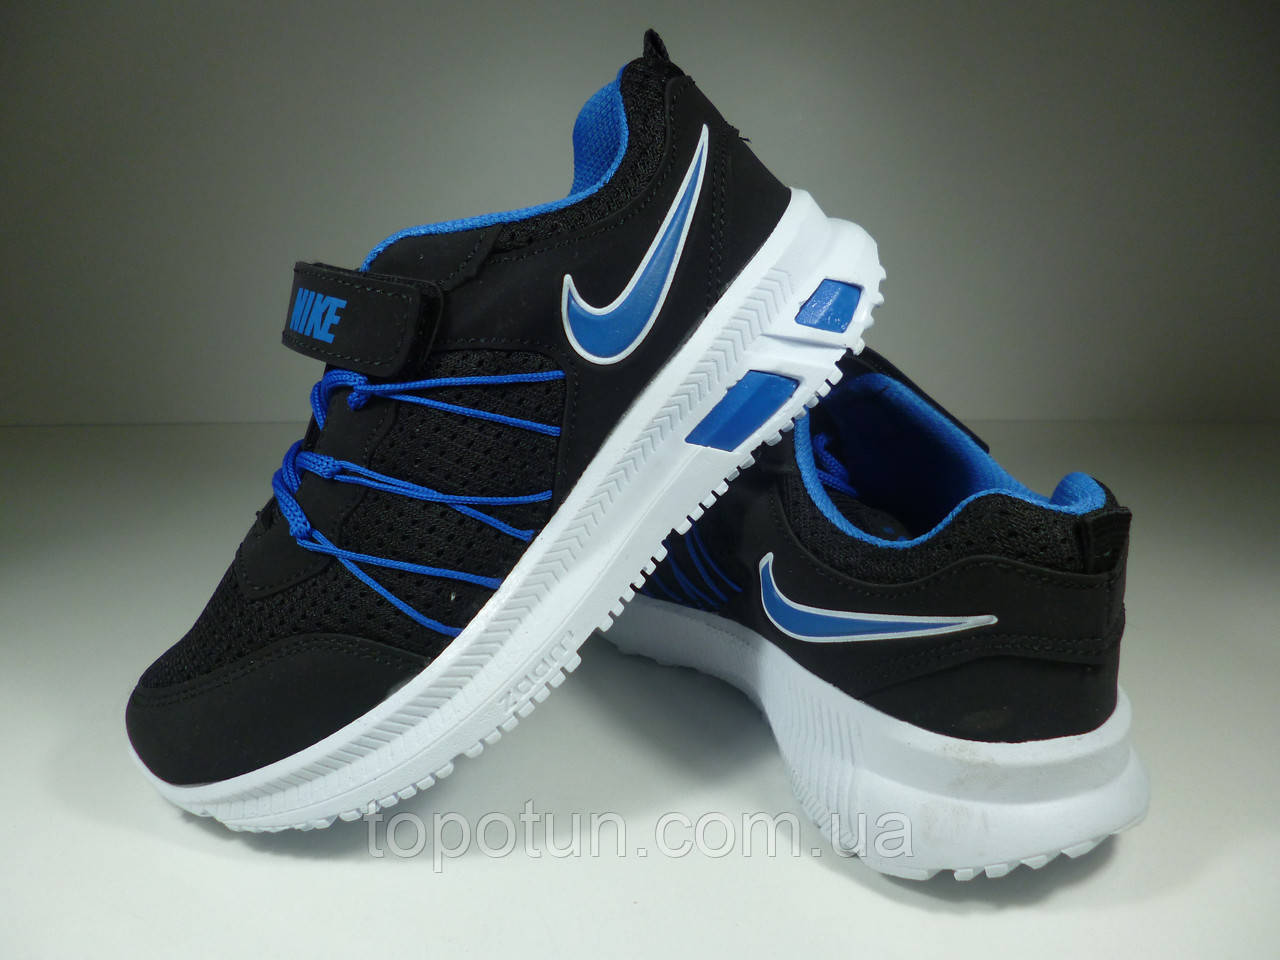 ce34d9ed Детские кроссовки для мальчиков Nike Размеры: 31,32,33,34,35, купить ...